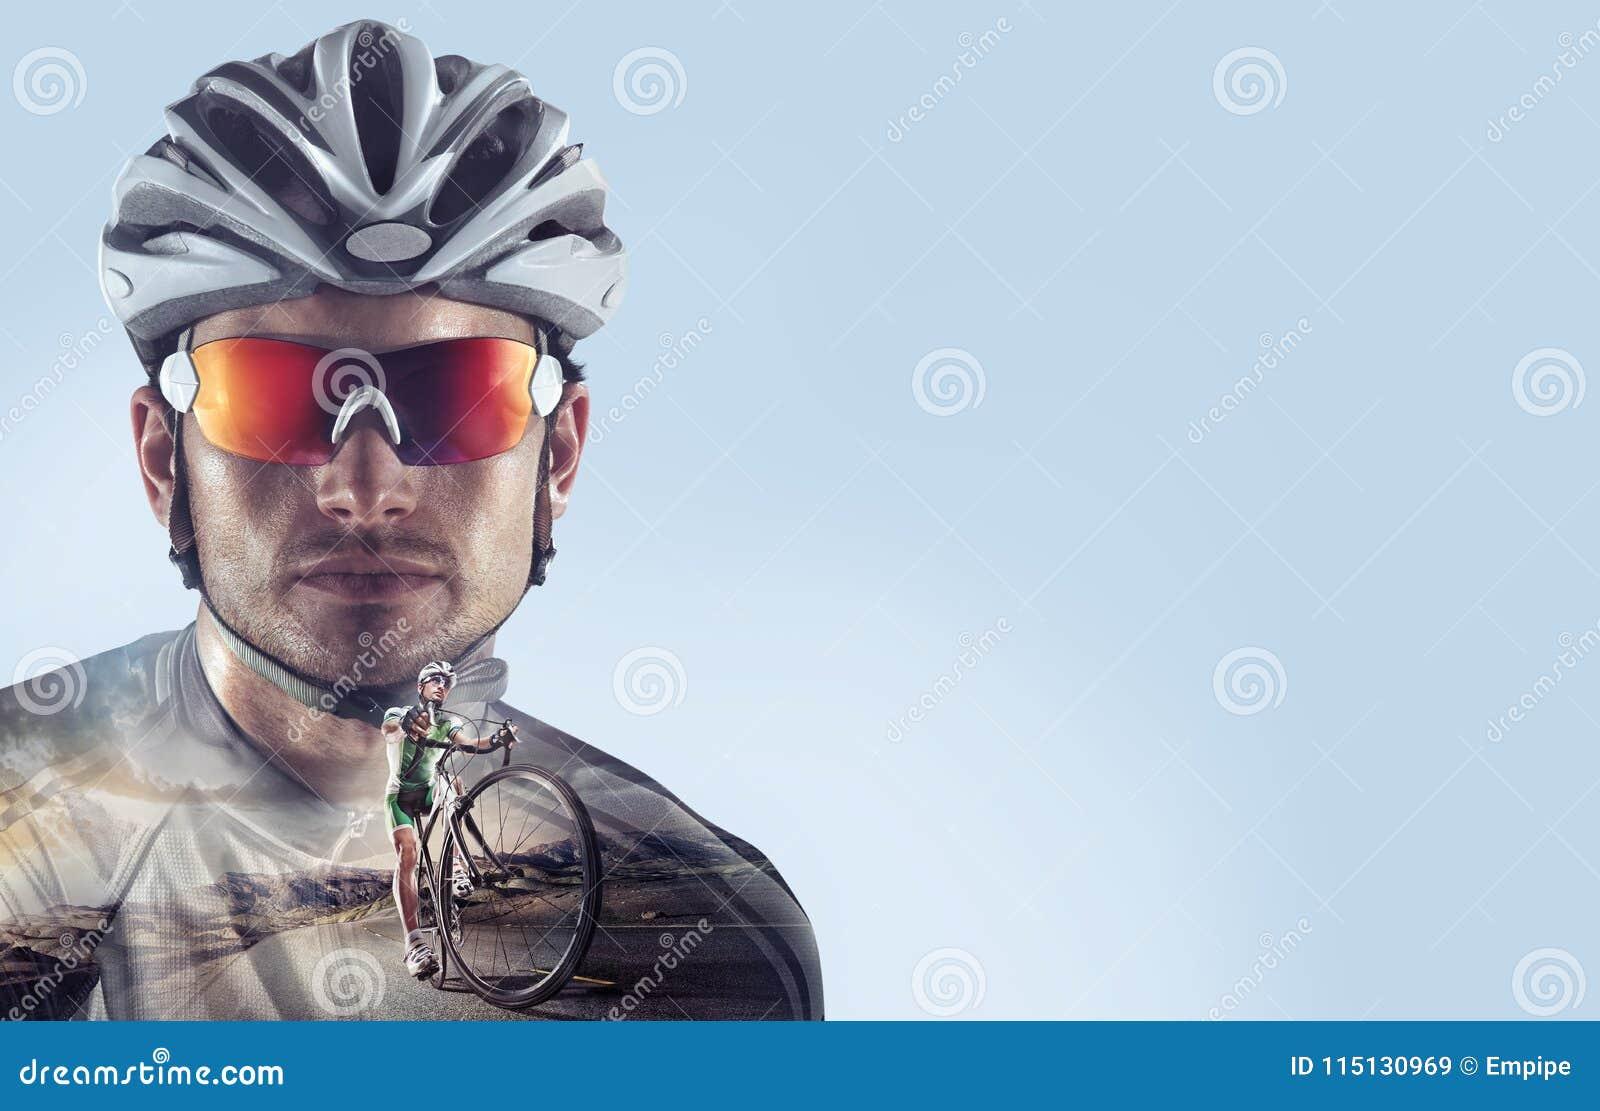 Sportów tła Bohaterski cyklisty portret